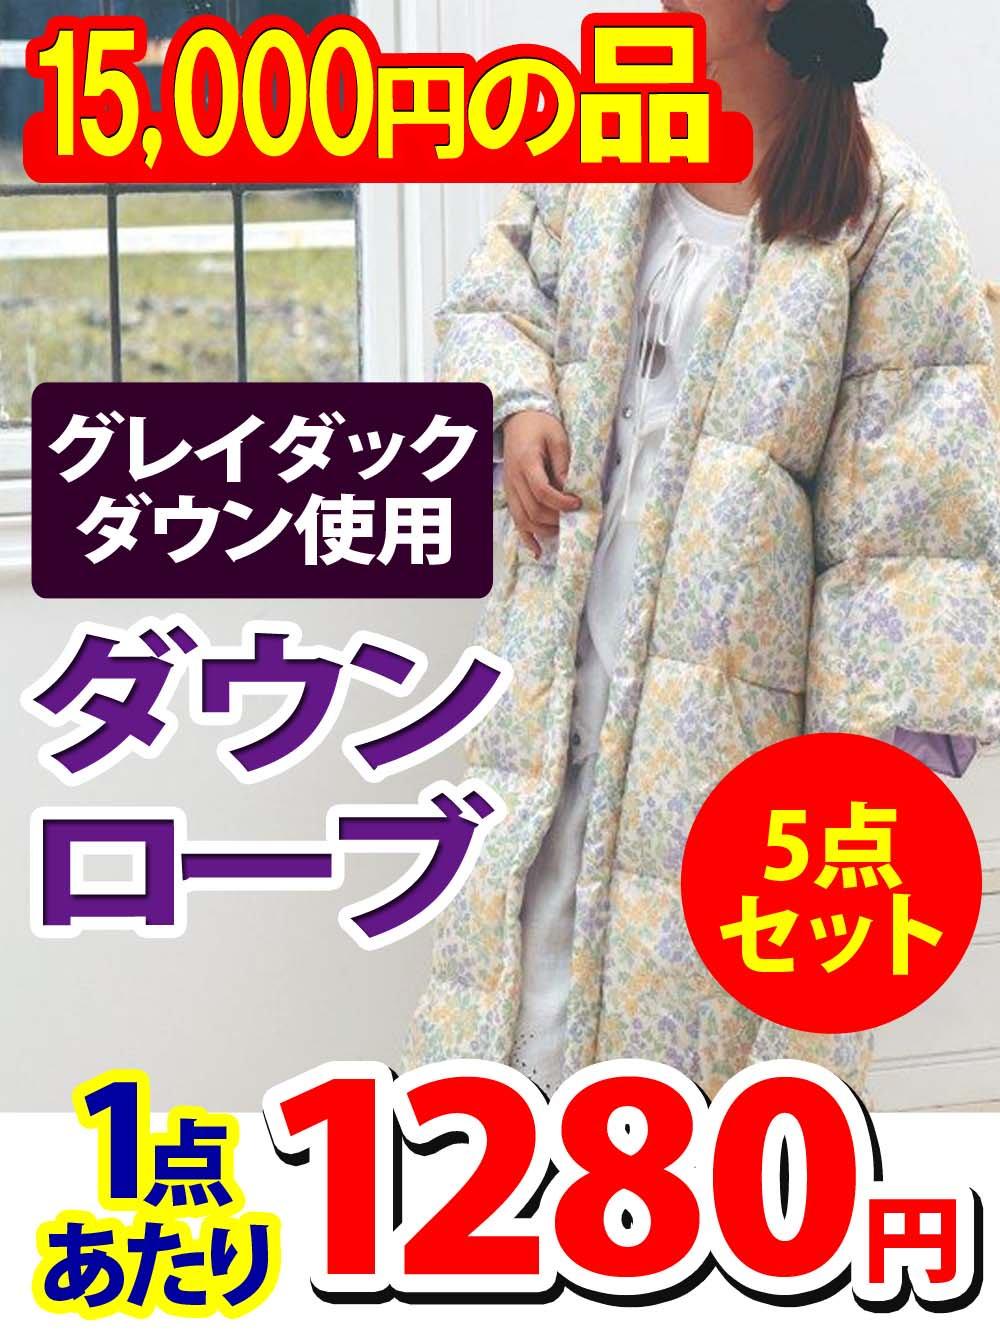 【上代15,000円】訳あり グレイダックダウンを使用したダウンローブ!【5点】@1280